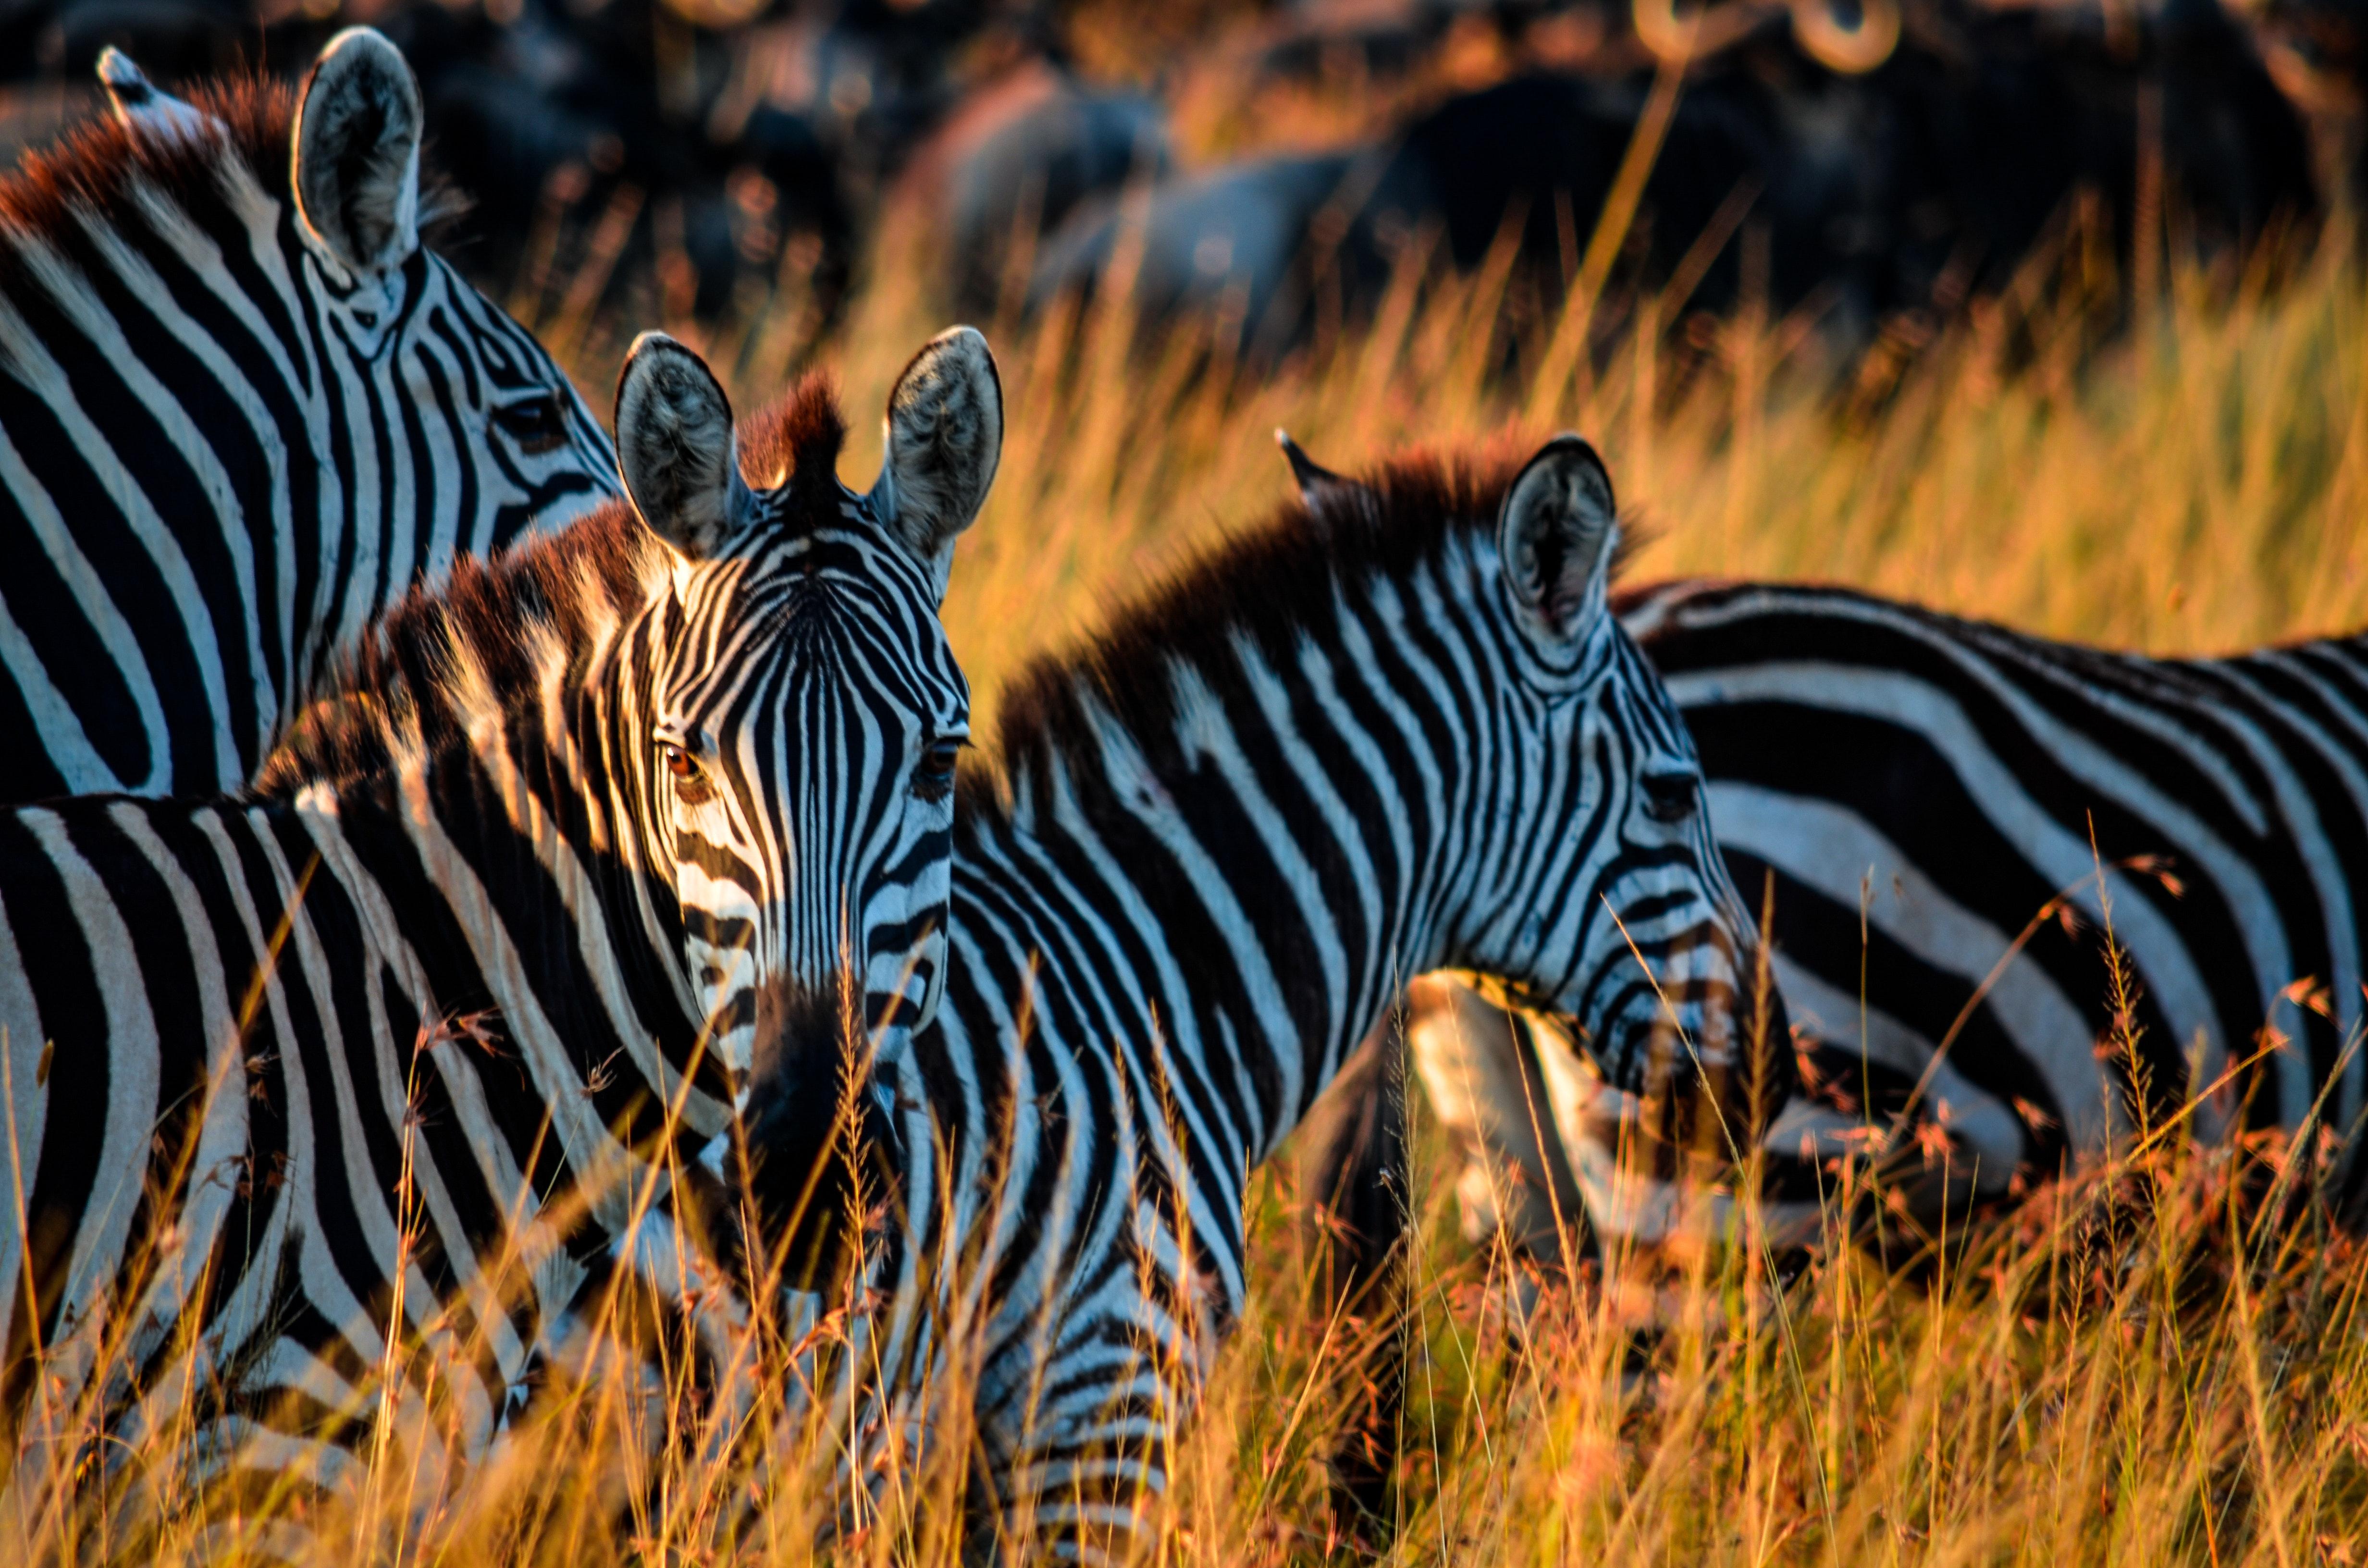 Zebras in havana photo